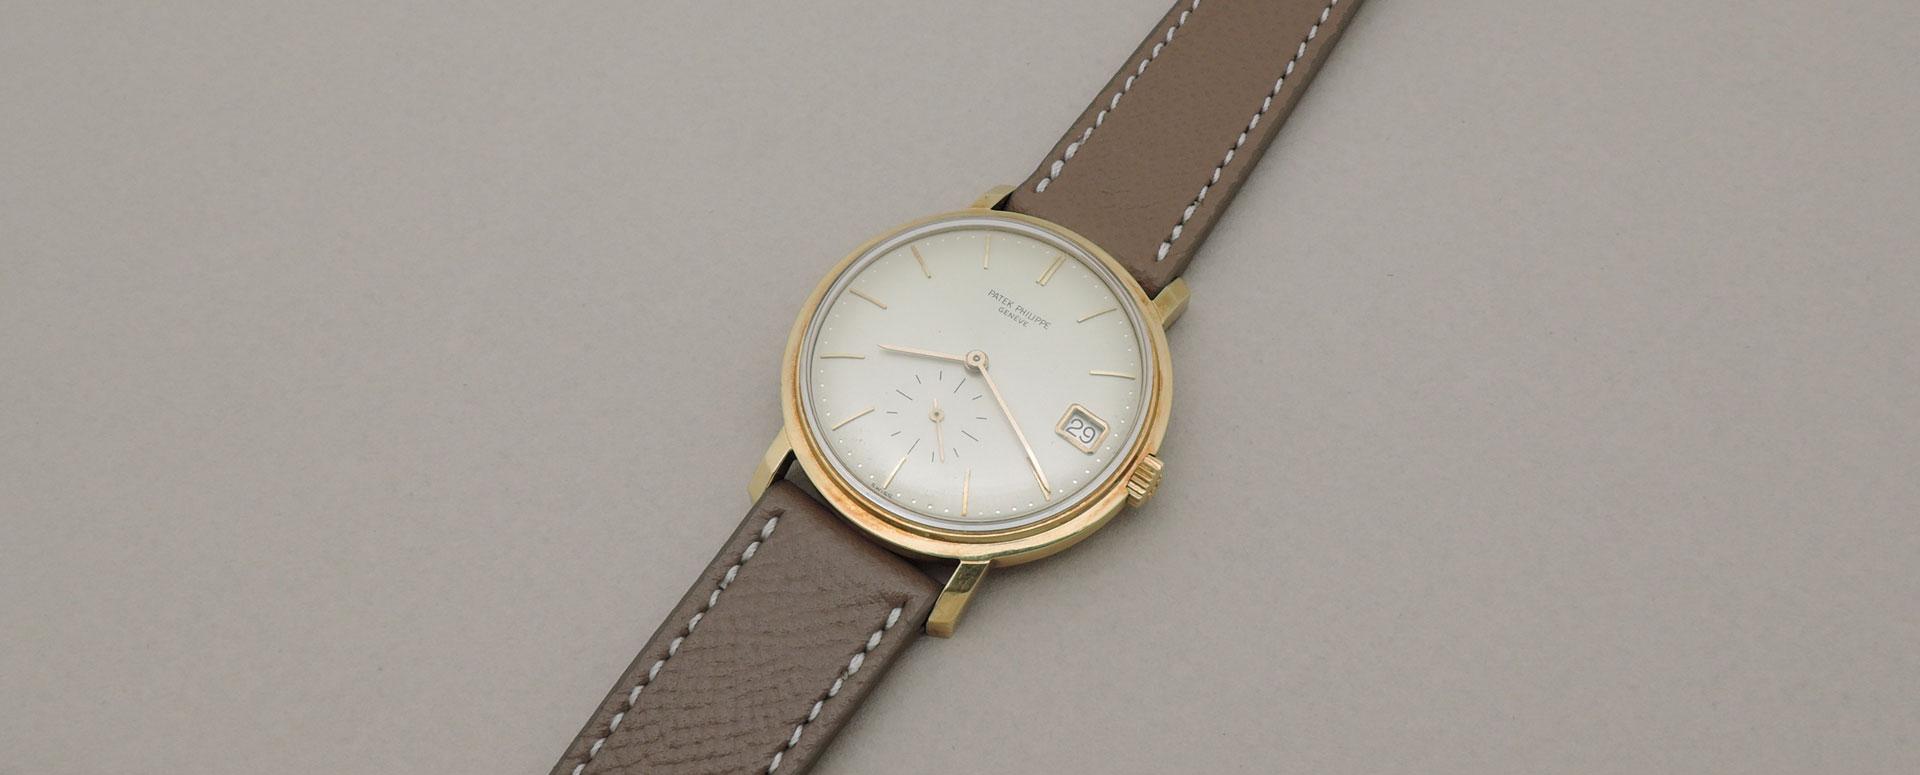 b4b65d081b0a Ancienne  Compra Venta de Relojes · Calatrava 3445 ...